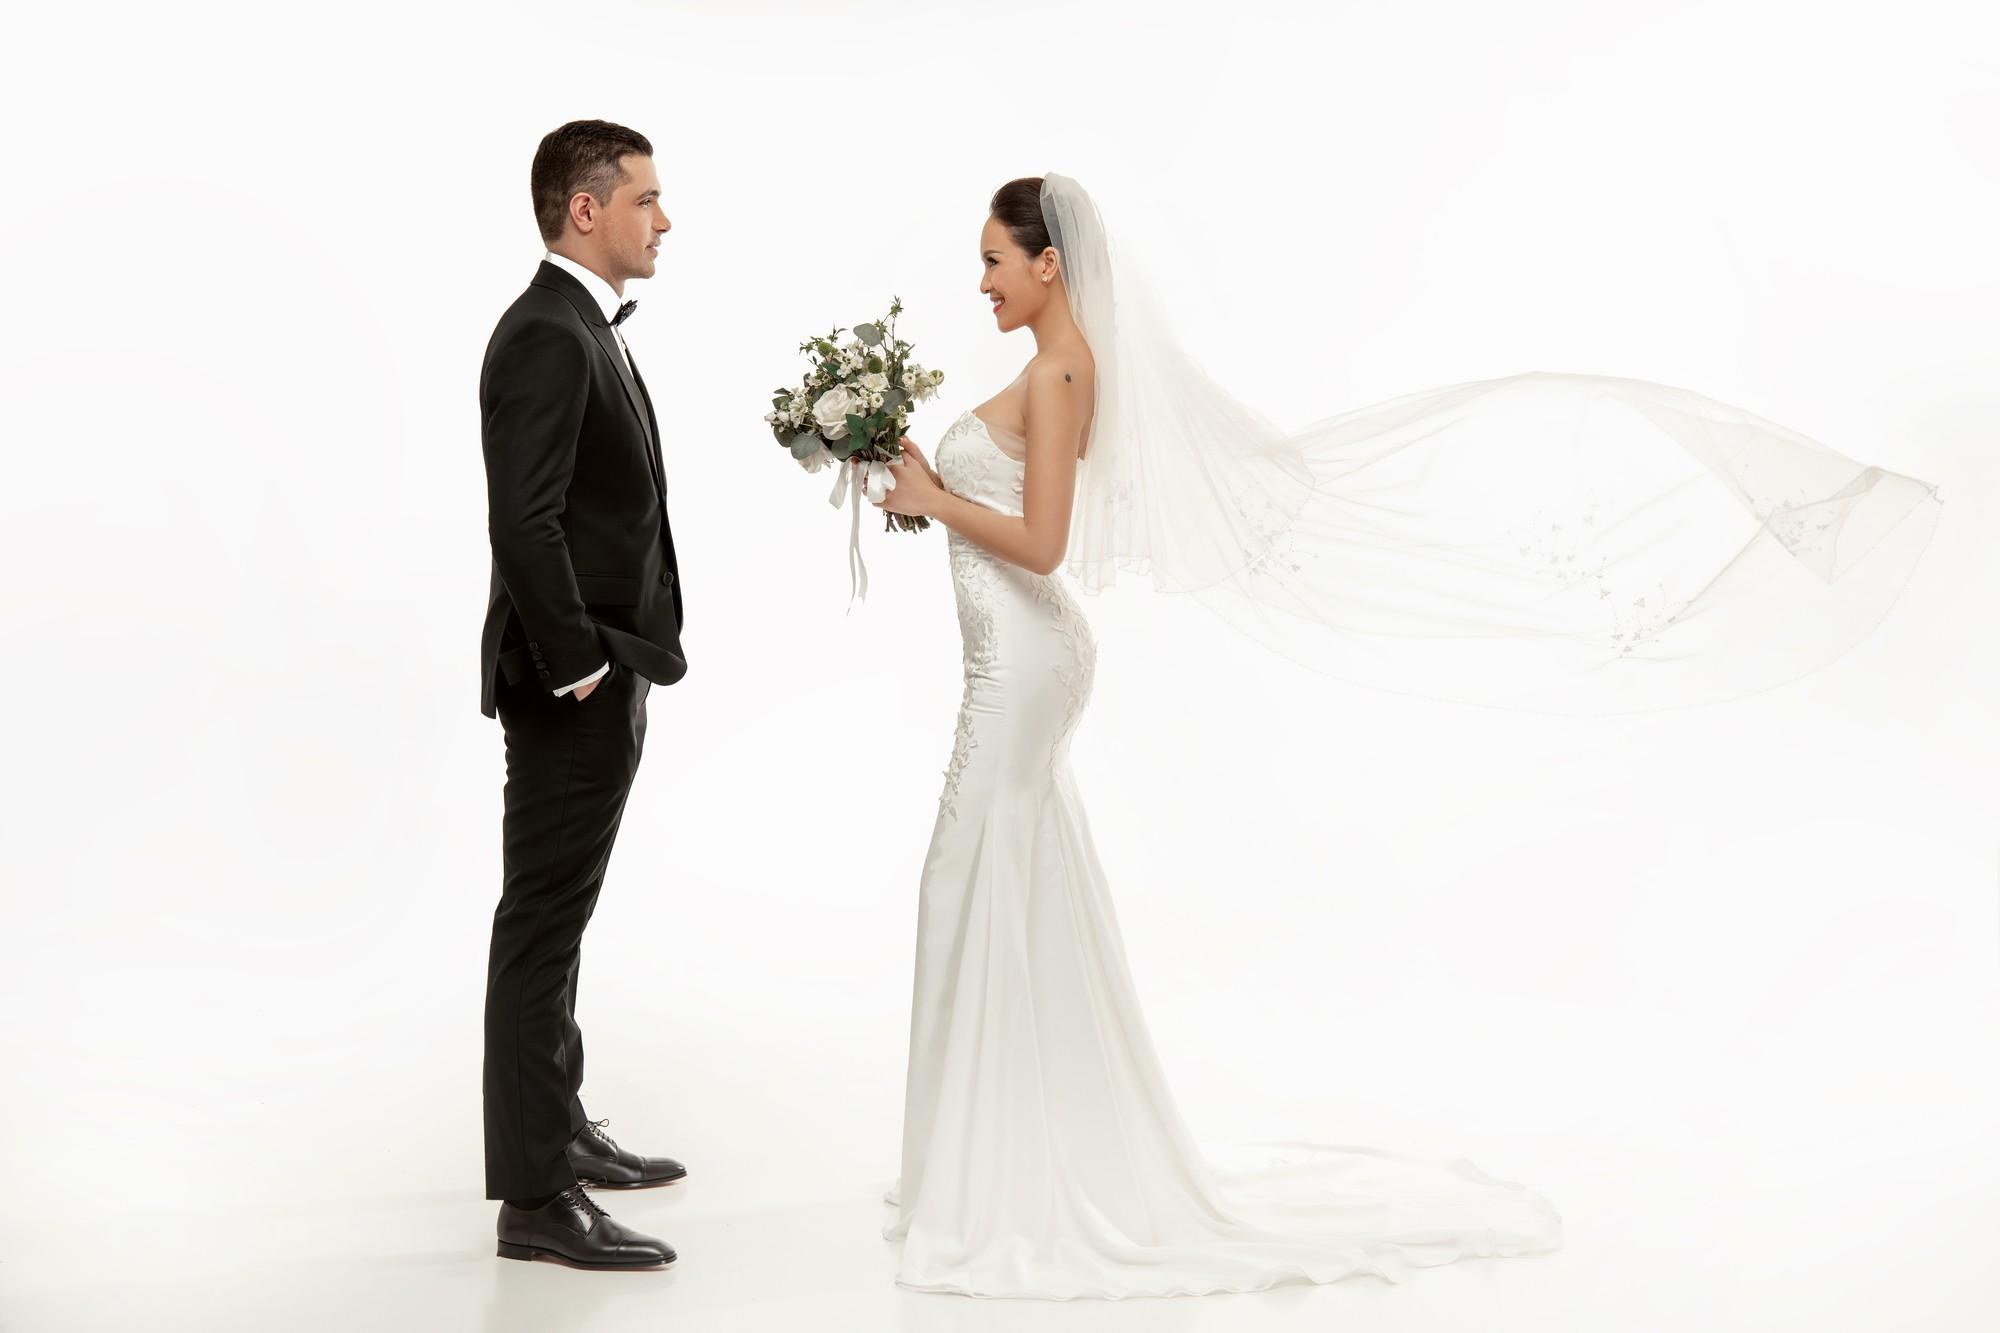 Trọn bộ ảnh cưới ngọt ngào đến tan chảy của Phương Mai và chồng Tây đẹp trai như tài tử - Ảnh 7.